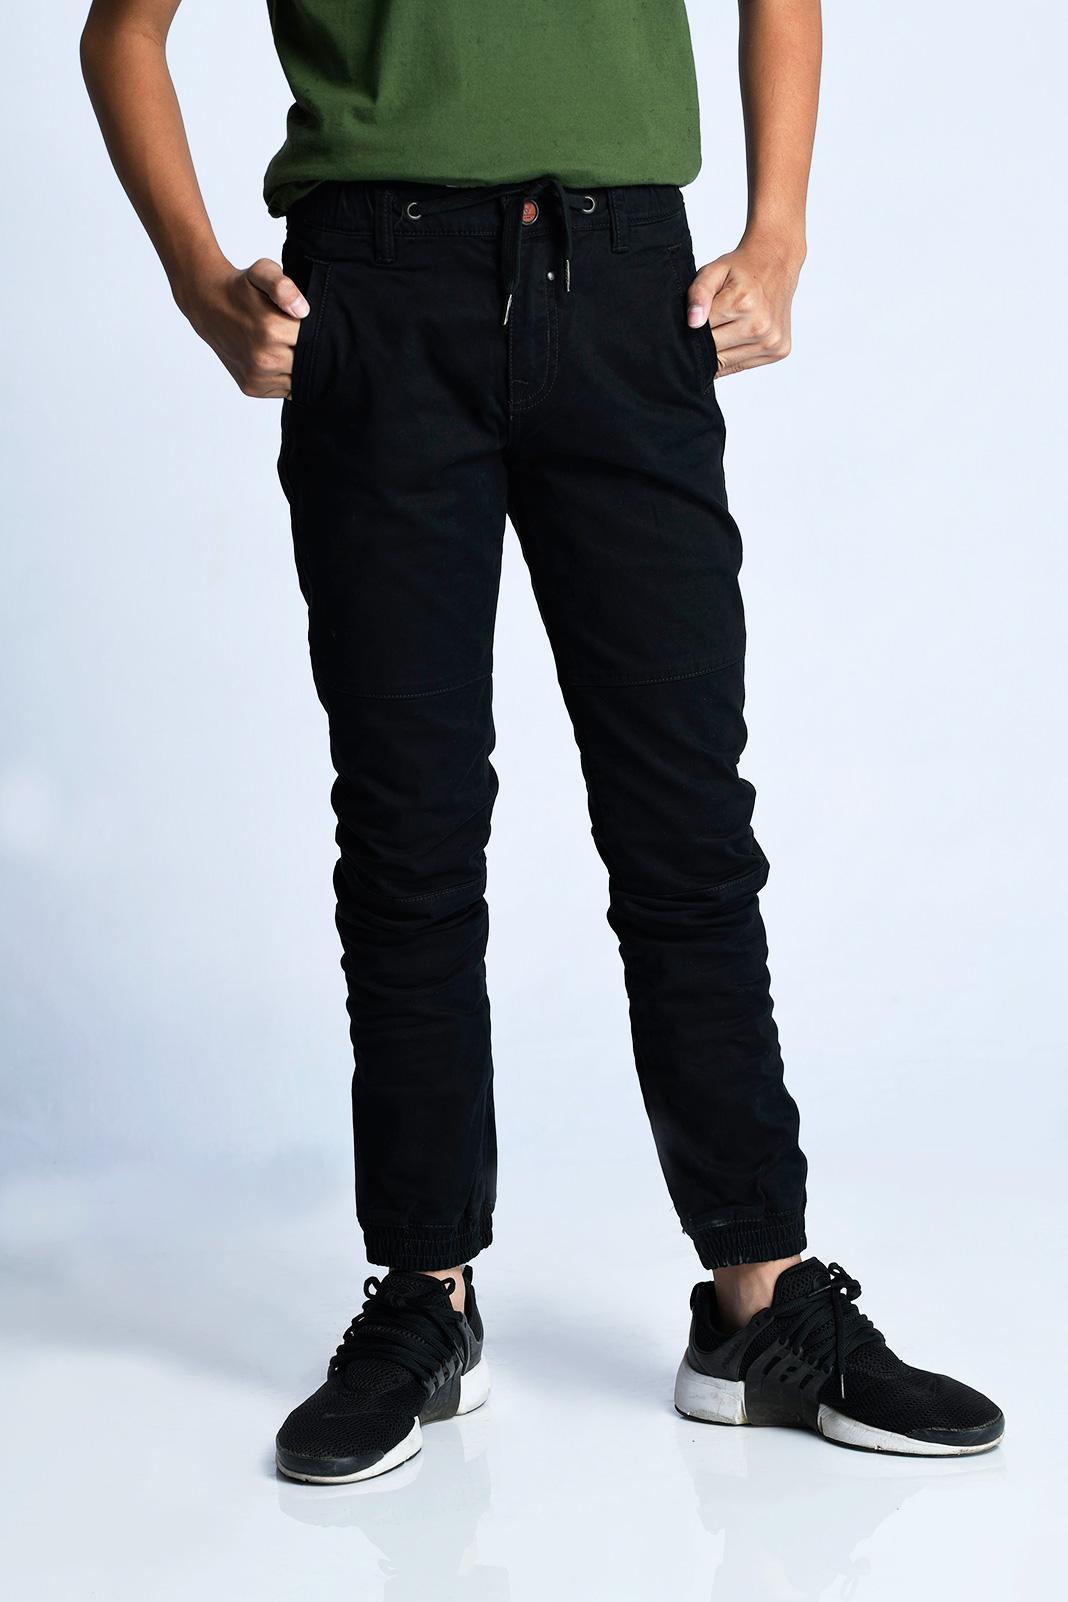 CARDINAL KIDS JOGGER PANTS (HITAM)